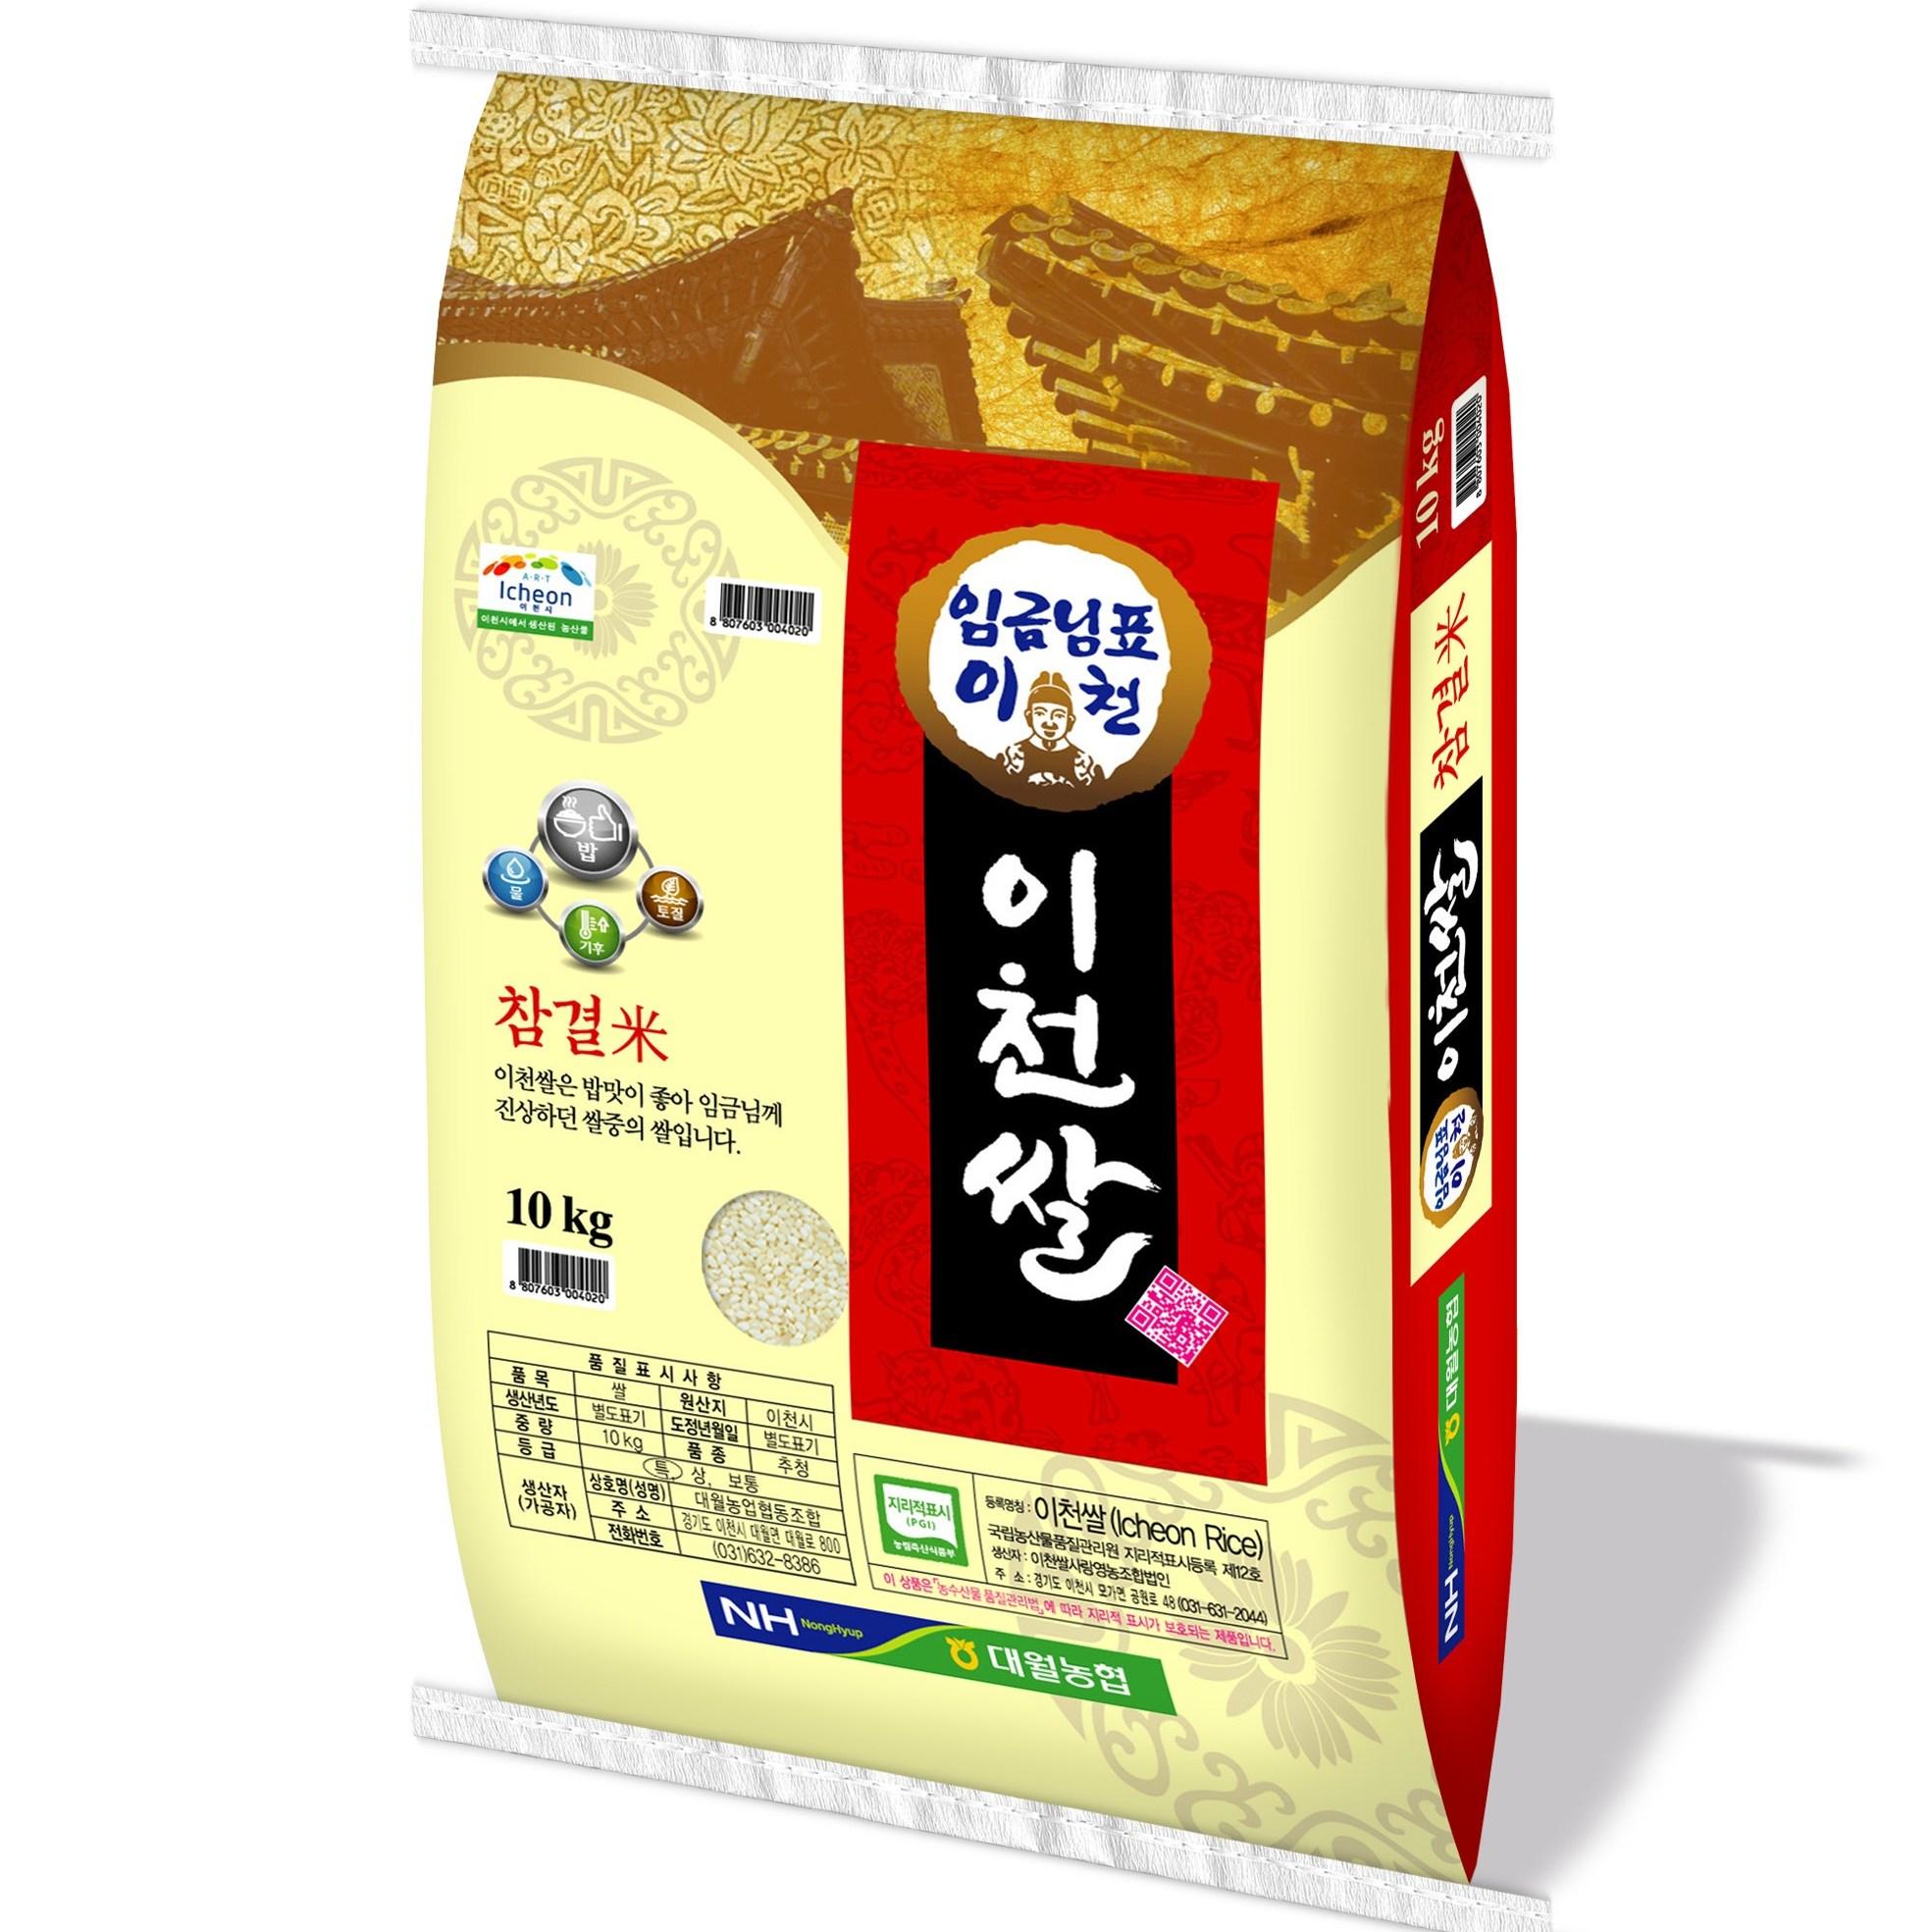 [청원영농조합법인]2020년 임금님표 이천쌀, 1포, 10kg